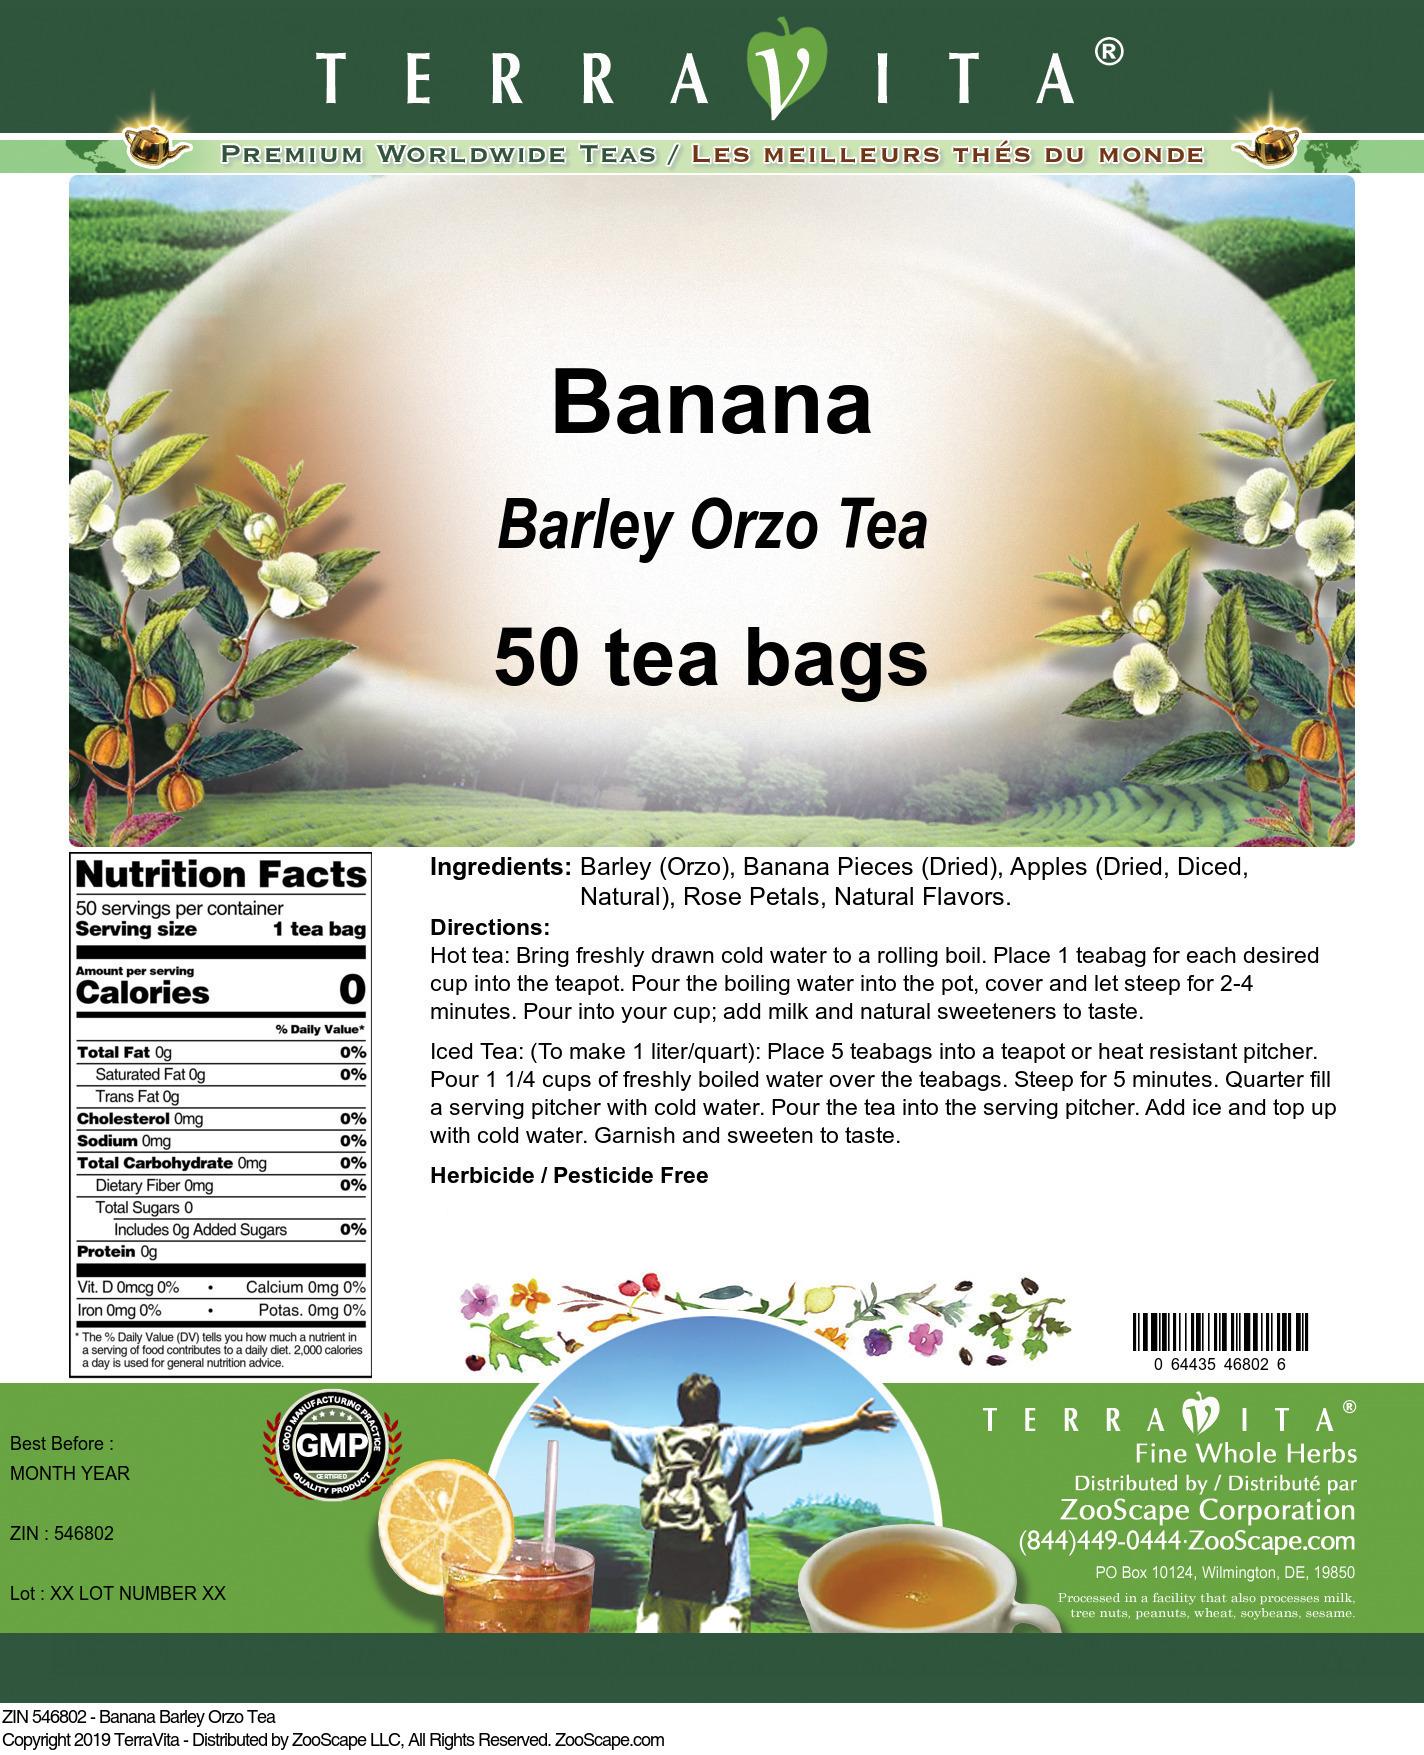 Banana Barley Orzo